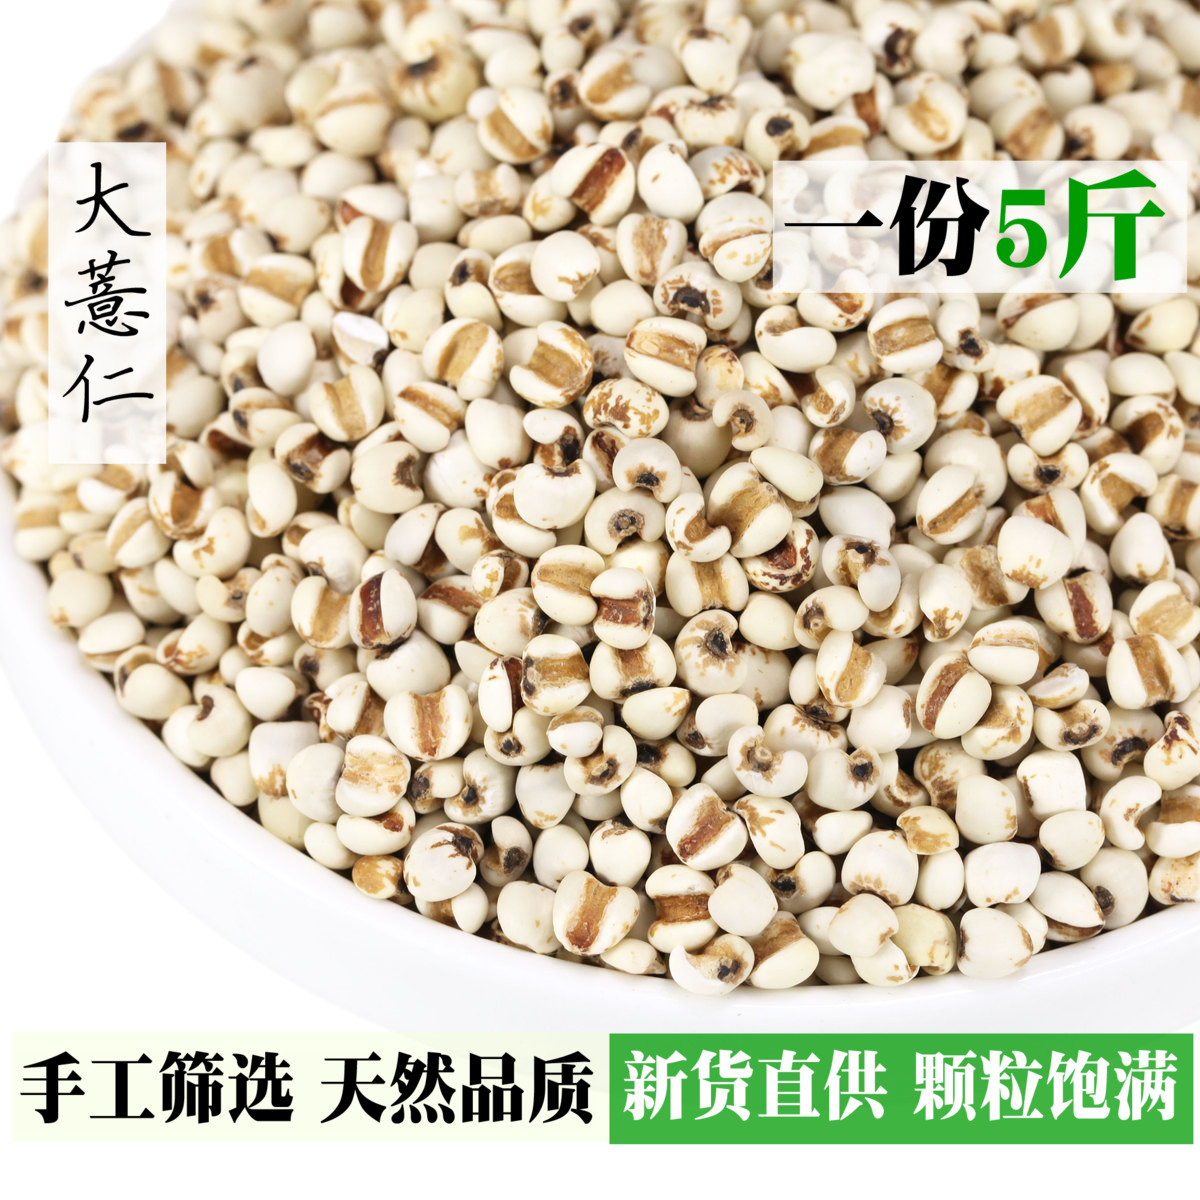 大薏仁米新货5斤云南特产农家自产散装特级苡仁配赤小豆红豆粥